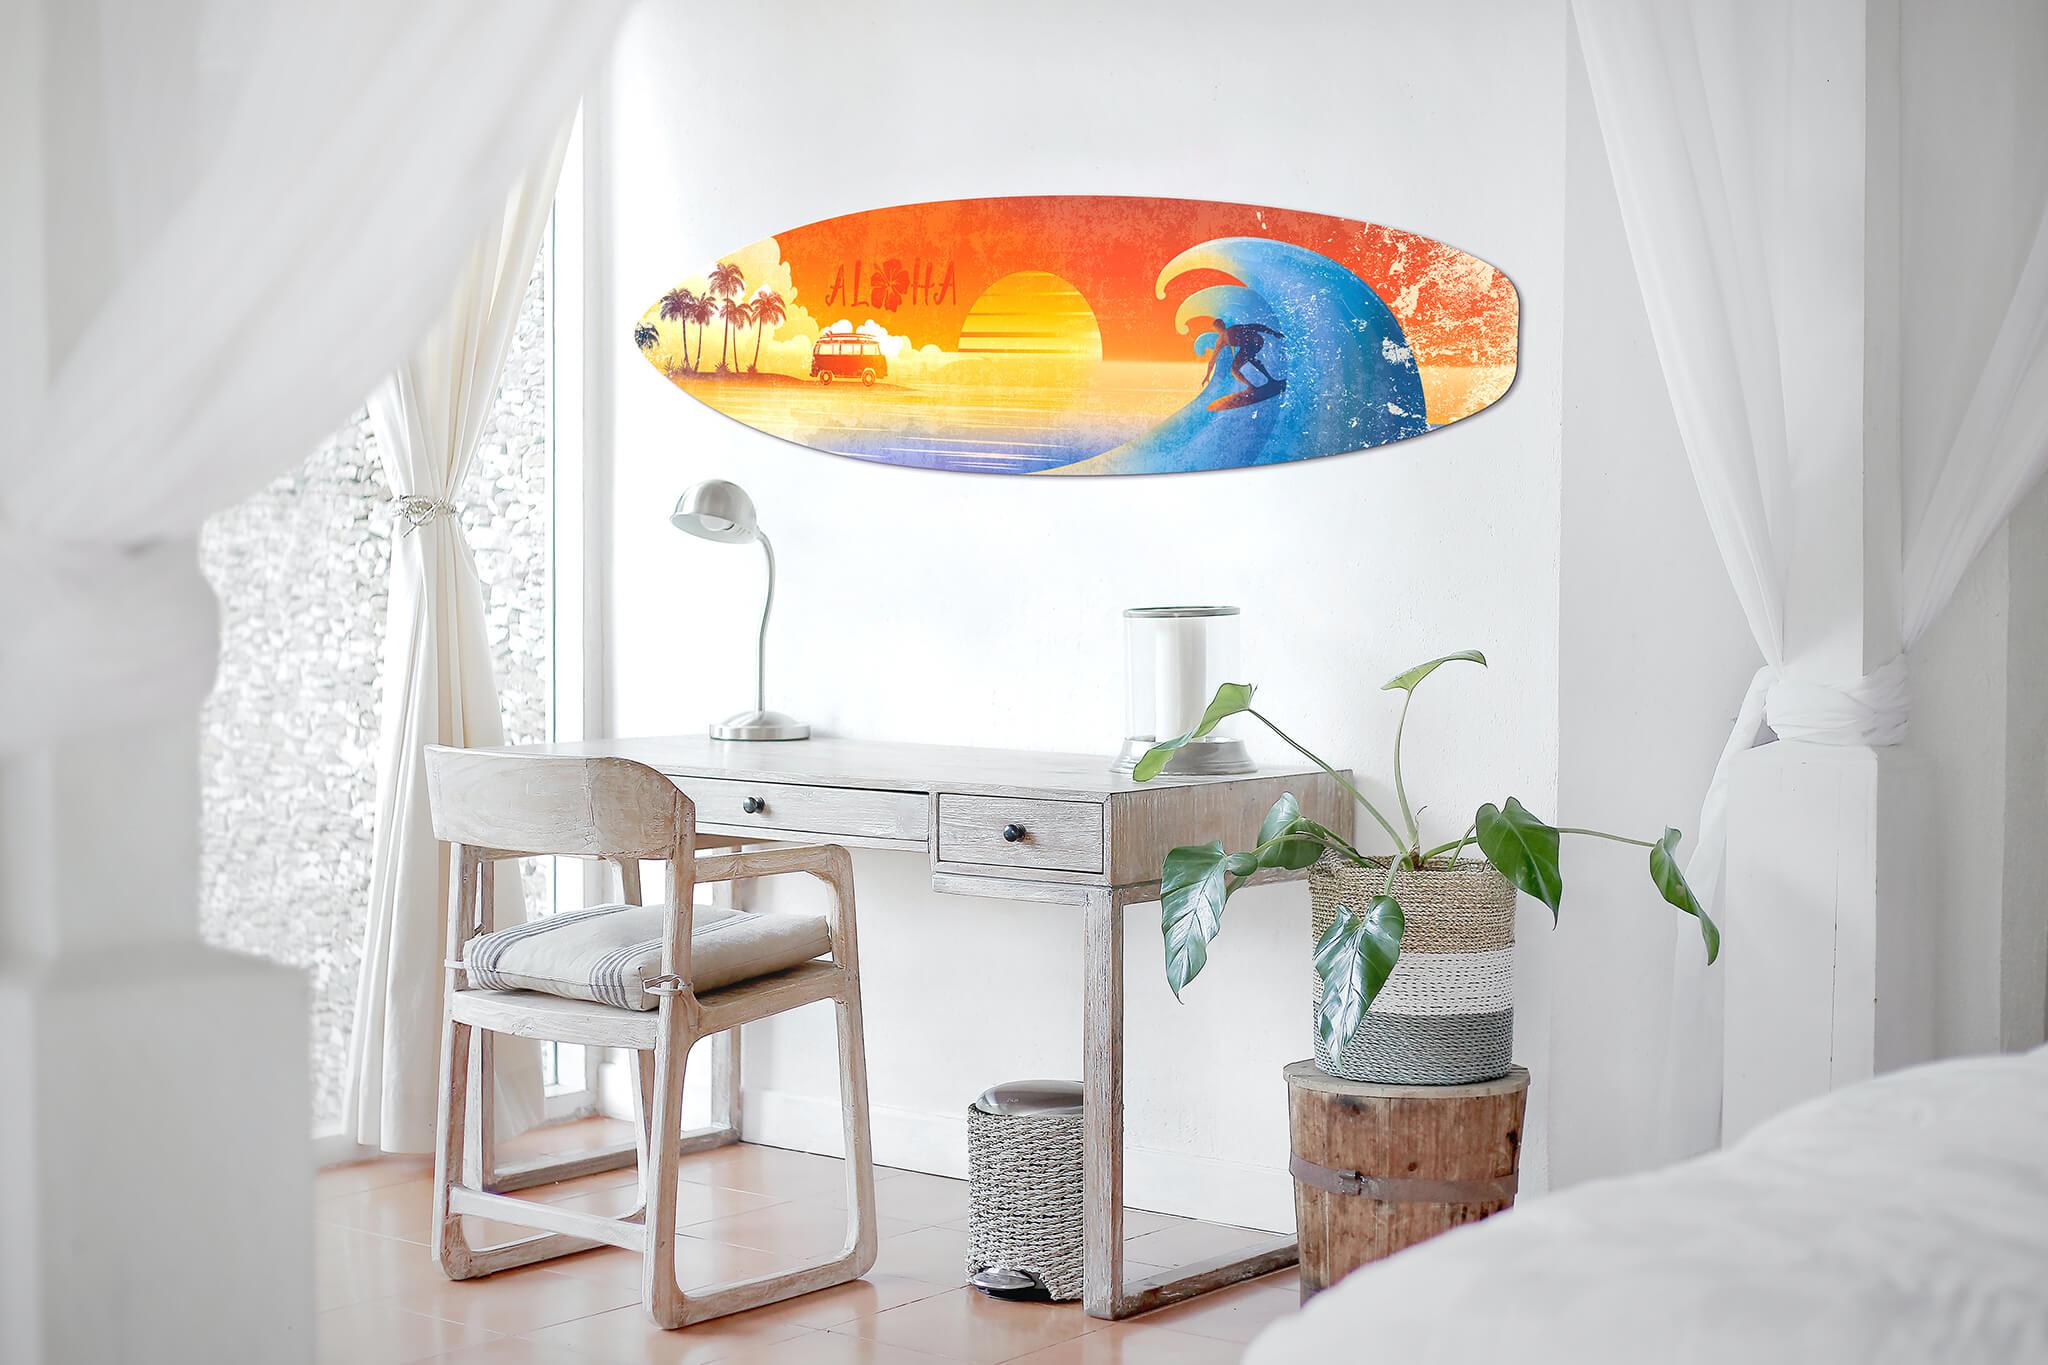 Ilaria Design - Idee arredo casa